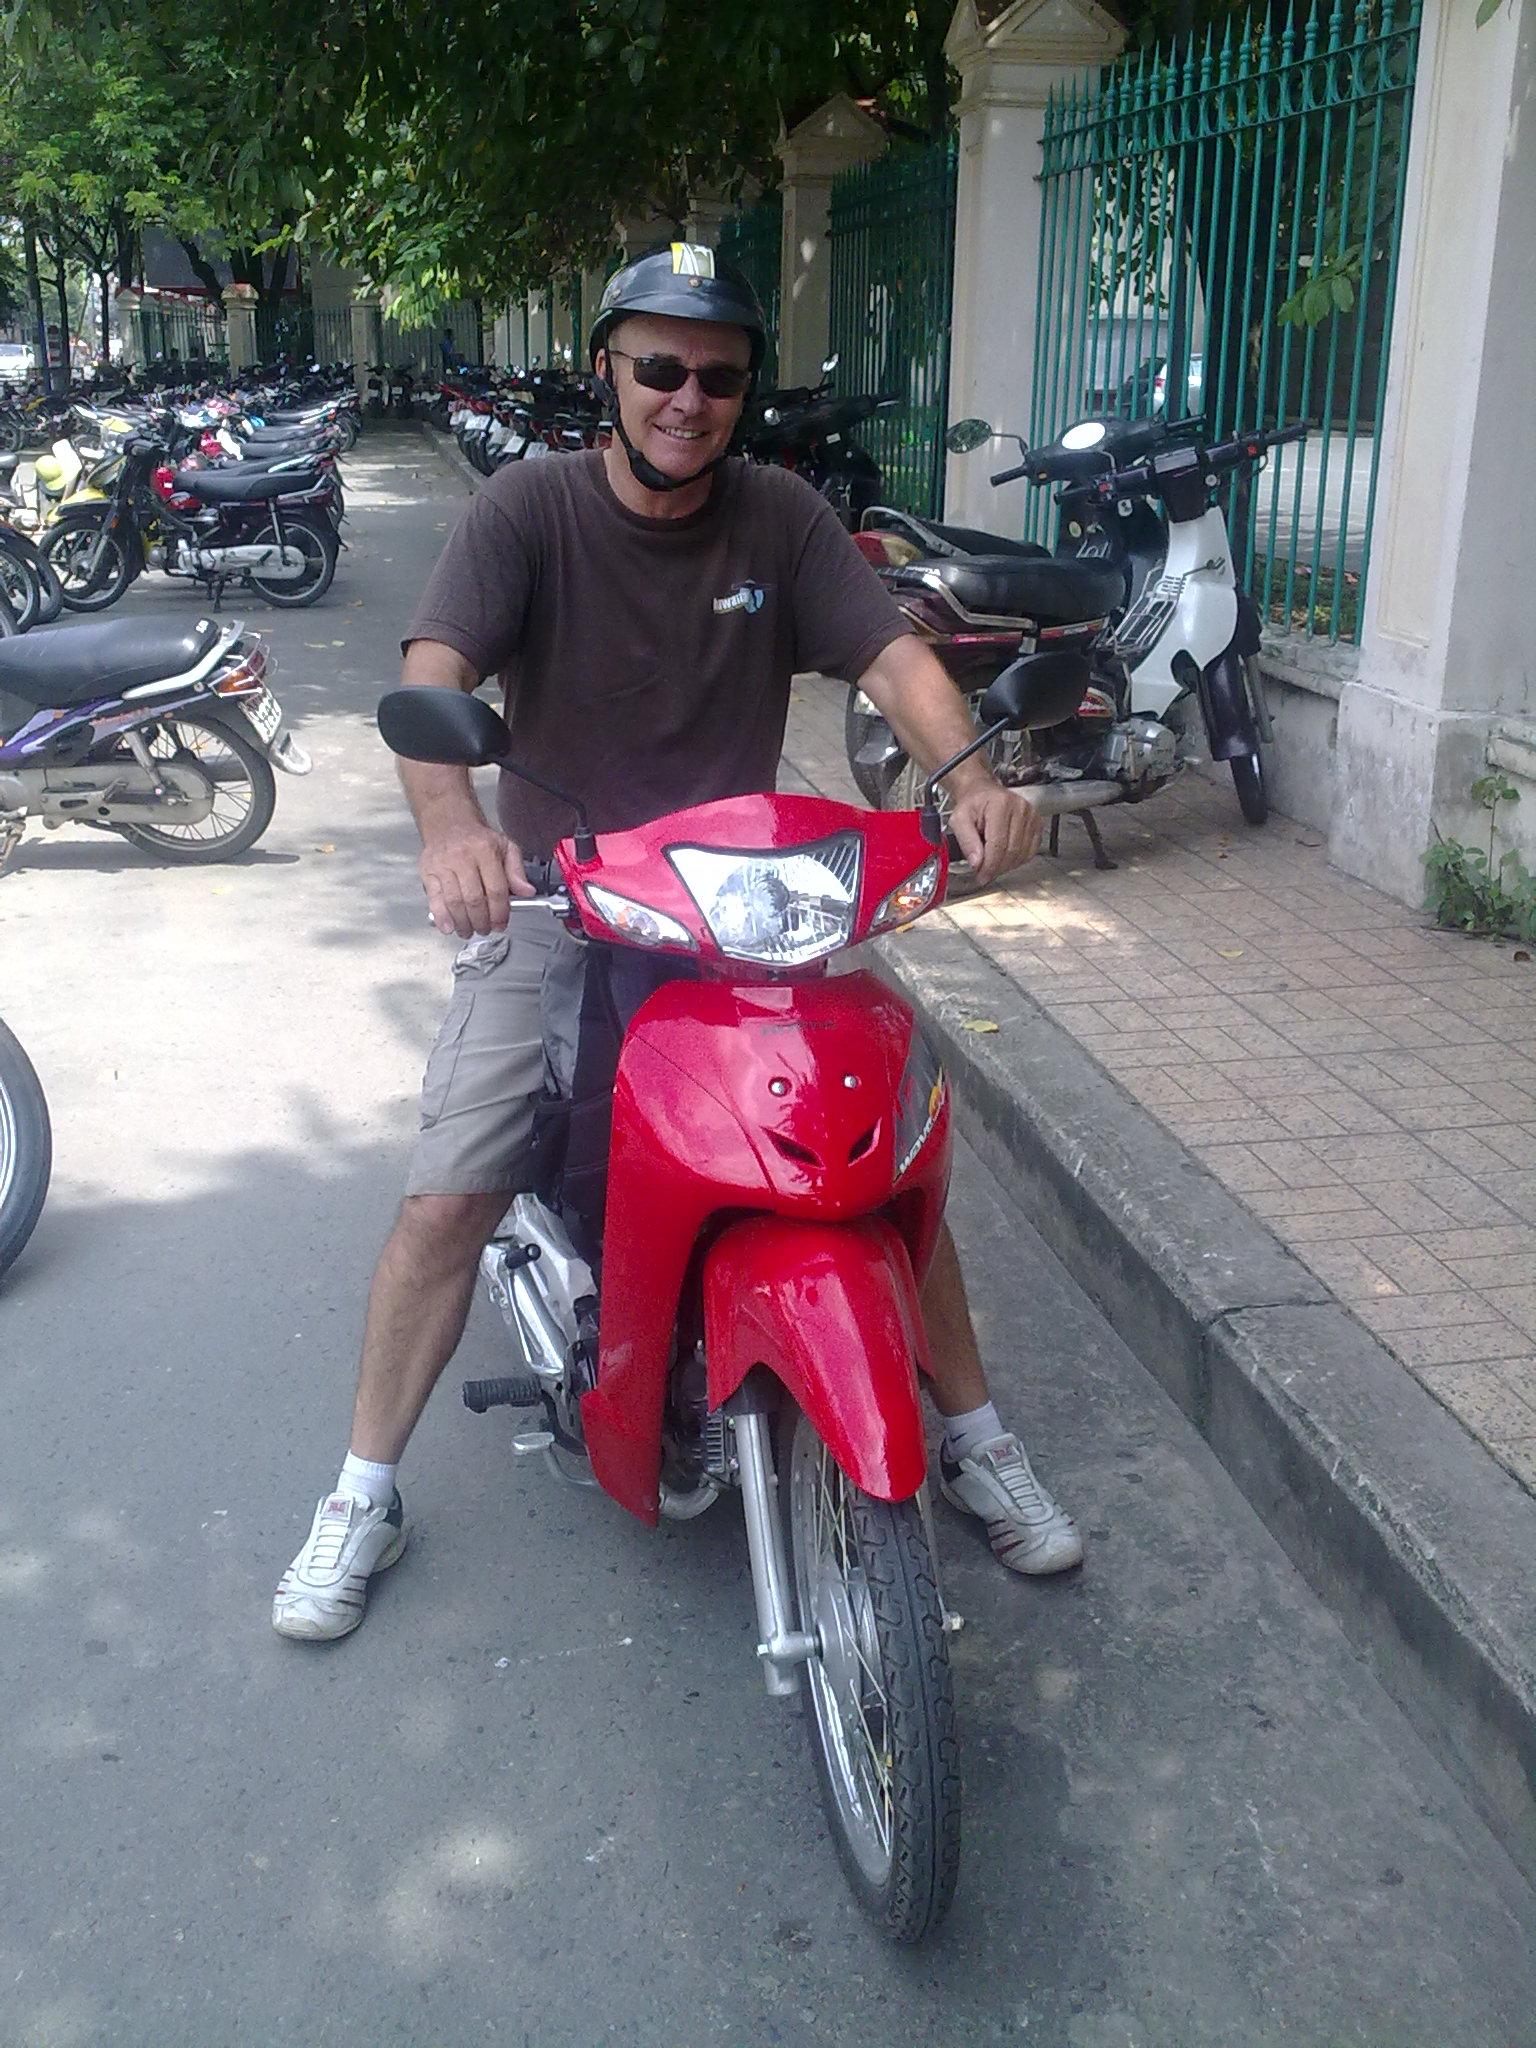 photo-of-john's-motorcycle-ho-chi-minh-city.